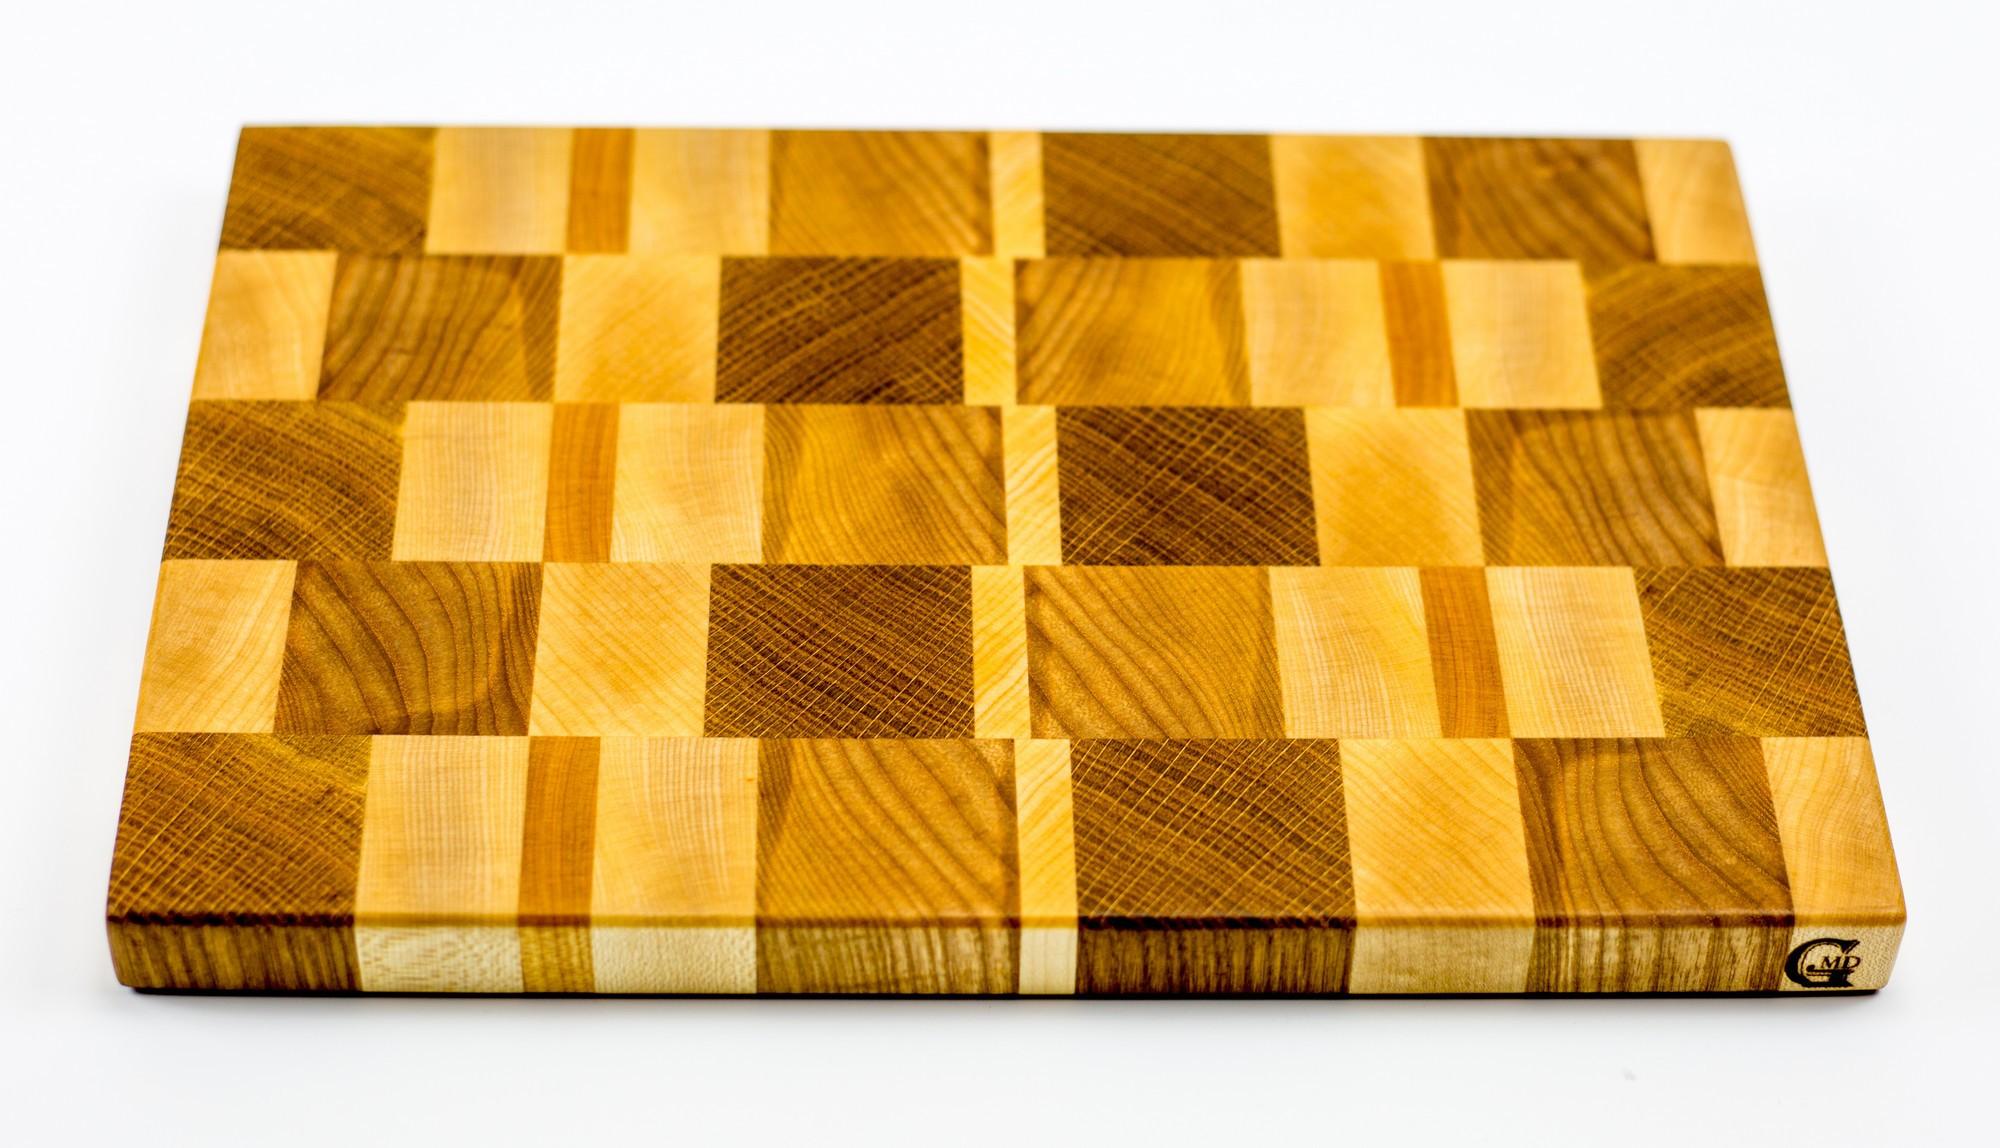 Доска разделочная торцевая, стандартная, 20х30х2 смБренды ножей<br>Они изготавливаются из лиственных пород древесины, таких как сапеле, дуб, американский орех, ясень, падук, граб, клен, палисандр, венге, груша.<br>Технология их изготовления достаточно сложна. Волокна разделочных досок расположены перпендикулярно плоскости резания. Это позволяет в значительной степени защитить доски от следов ножа, при этом нож намного меньше тупится, что по достоинству смогут оценить коллекционеры ножей.<br>Торцевые разделочные доски склеиваются на водостойкий клей Titebond III Ultimate Wood Glue. Этот клей используется для производства элементов, которые соприкасаются и контактируют с продуктами питания. Все поверхности досок обрабатываются льняным маслом и пчелиным воском для заполнения открытых пор и микротрещин. В зависимости от размера, разделочных досках, для удобства пользования, предусмотрены ручки с боков, канавки для сбора жидкости и опорные ножки. Рекомендации по уходу за разделочными досками<br>Для того, чтобы разделочная доска служила долго и исправно, советуем соблюдать некоторые правила ухода за ней:<br>По окончании работы доску следует вымыть теплой водой и протереть. Нельзя надолго оставлять разделочную доску в мокром виде, или погруженную в воду. Хранить доску необходимо вдали от раковины и плиты.<br>Разделочную доску нельзя сушить в духовом шкафу или микроволновой печи, она должна сохнуть в обычных условиях. Нельзя использовать разделочную доску в качестве крышки для кастрюли или сковороды (от горячего пара доска может лопнуть).<br>Нельзя использовать разделочную доску как подставку под горячее. Нельзя выкладывать на доску горячие, сочащиеся соком, продукты. Разделочную доску для обновления покрытия можно протирать пропиткой (отломить кусочек, растереть по поверхности и оставить на пару часов сохнуть)или льняным маслом (по желанию, или по мере изменения цвета, или раз в месяц).<br>Если вы решили протереть доску маслом, то рекомендуем после этой процедуры не пользо